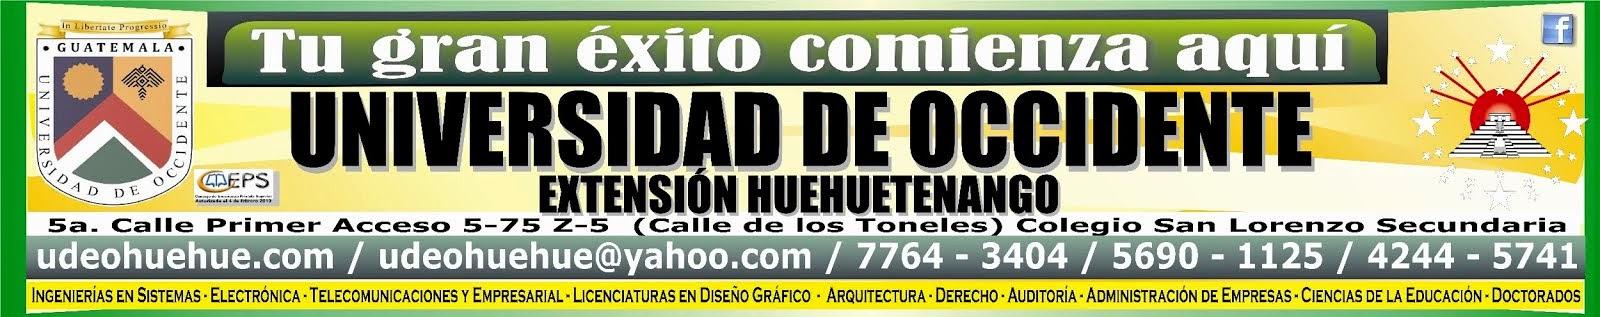 Universidad de Occidente Extensión Huehuetenango